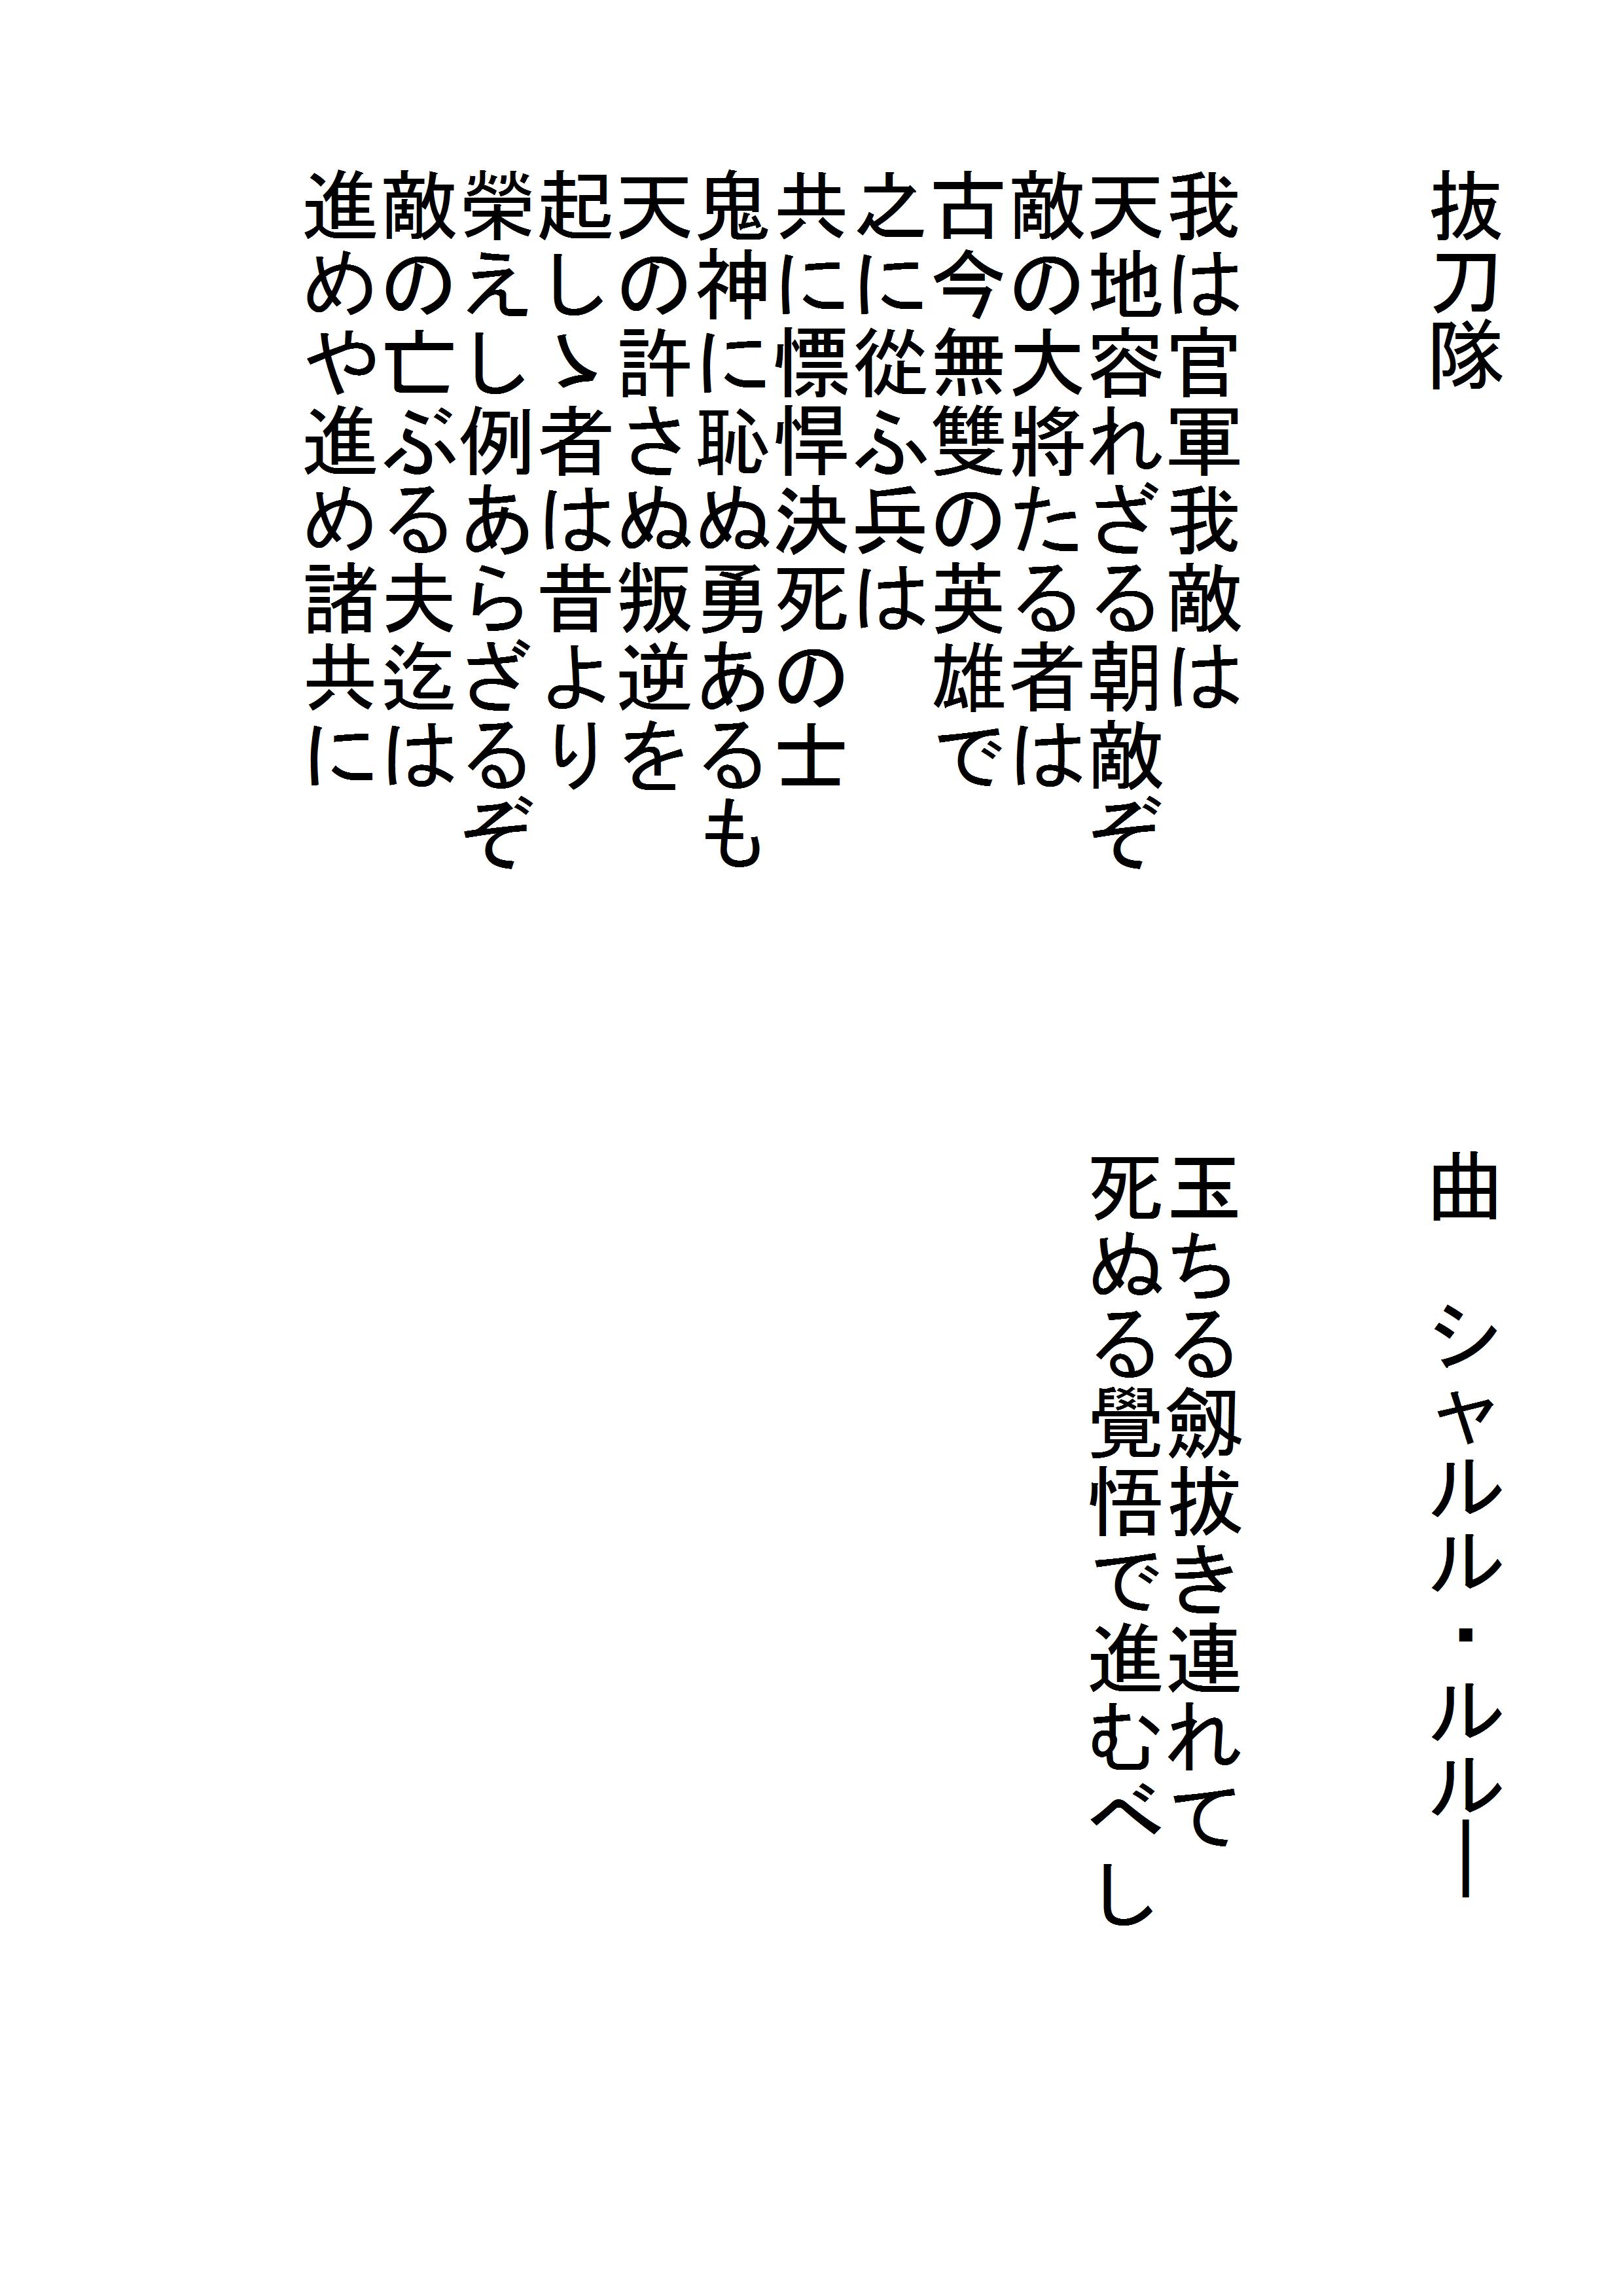 抜刀隊の歌詞.